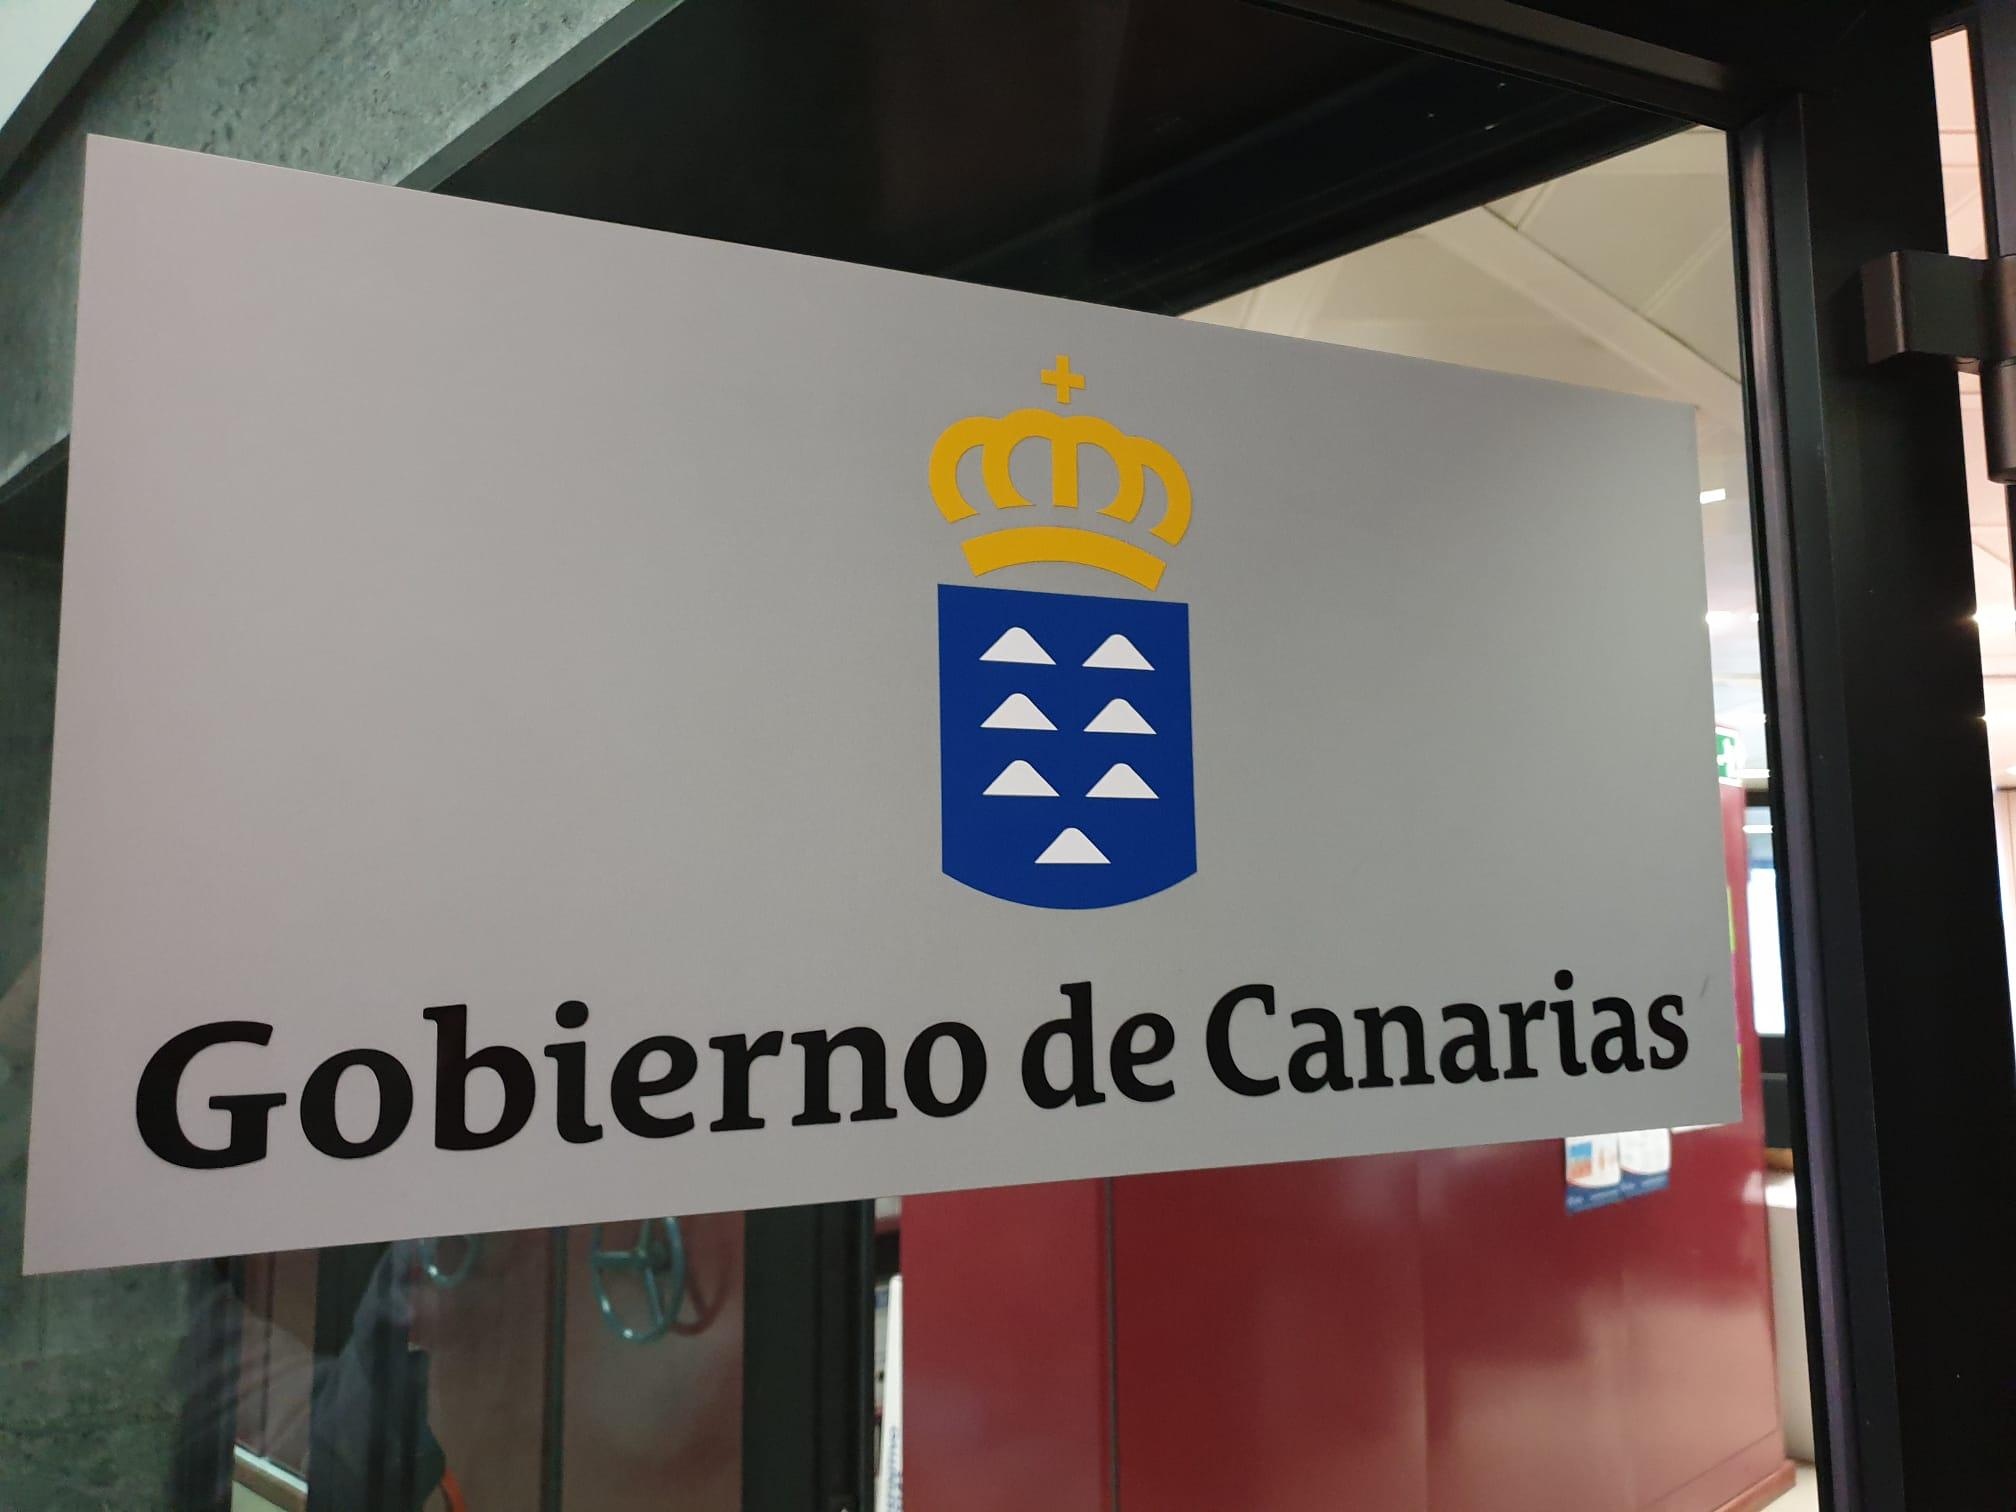 El Gobierno de Canarias aprueba un protocolo de medidas preventivas para el personal de la Comunidad Autónoma